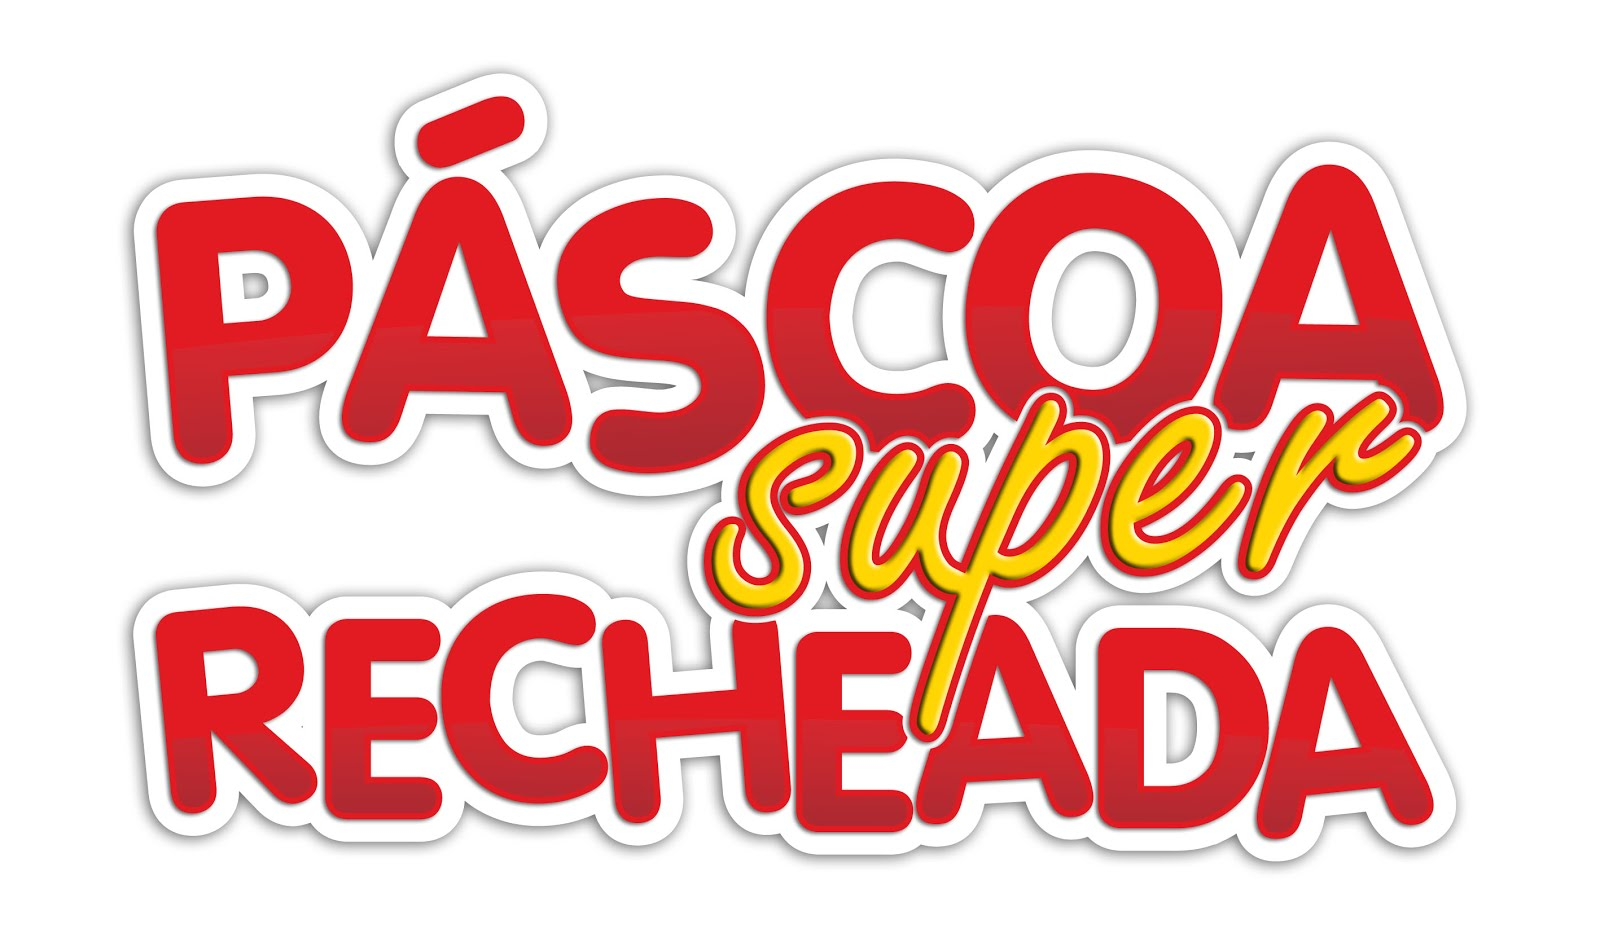 Páscoa Recheada